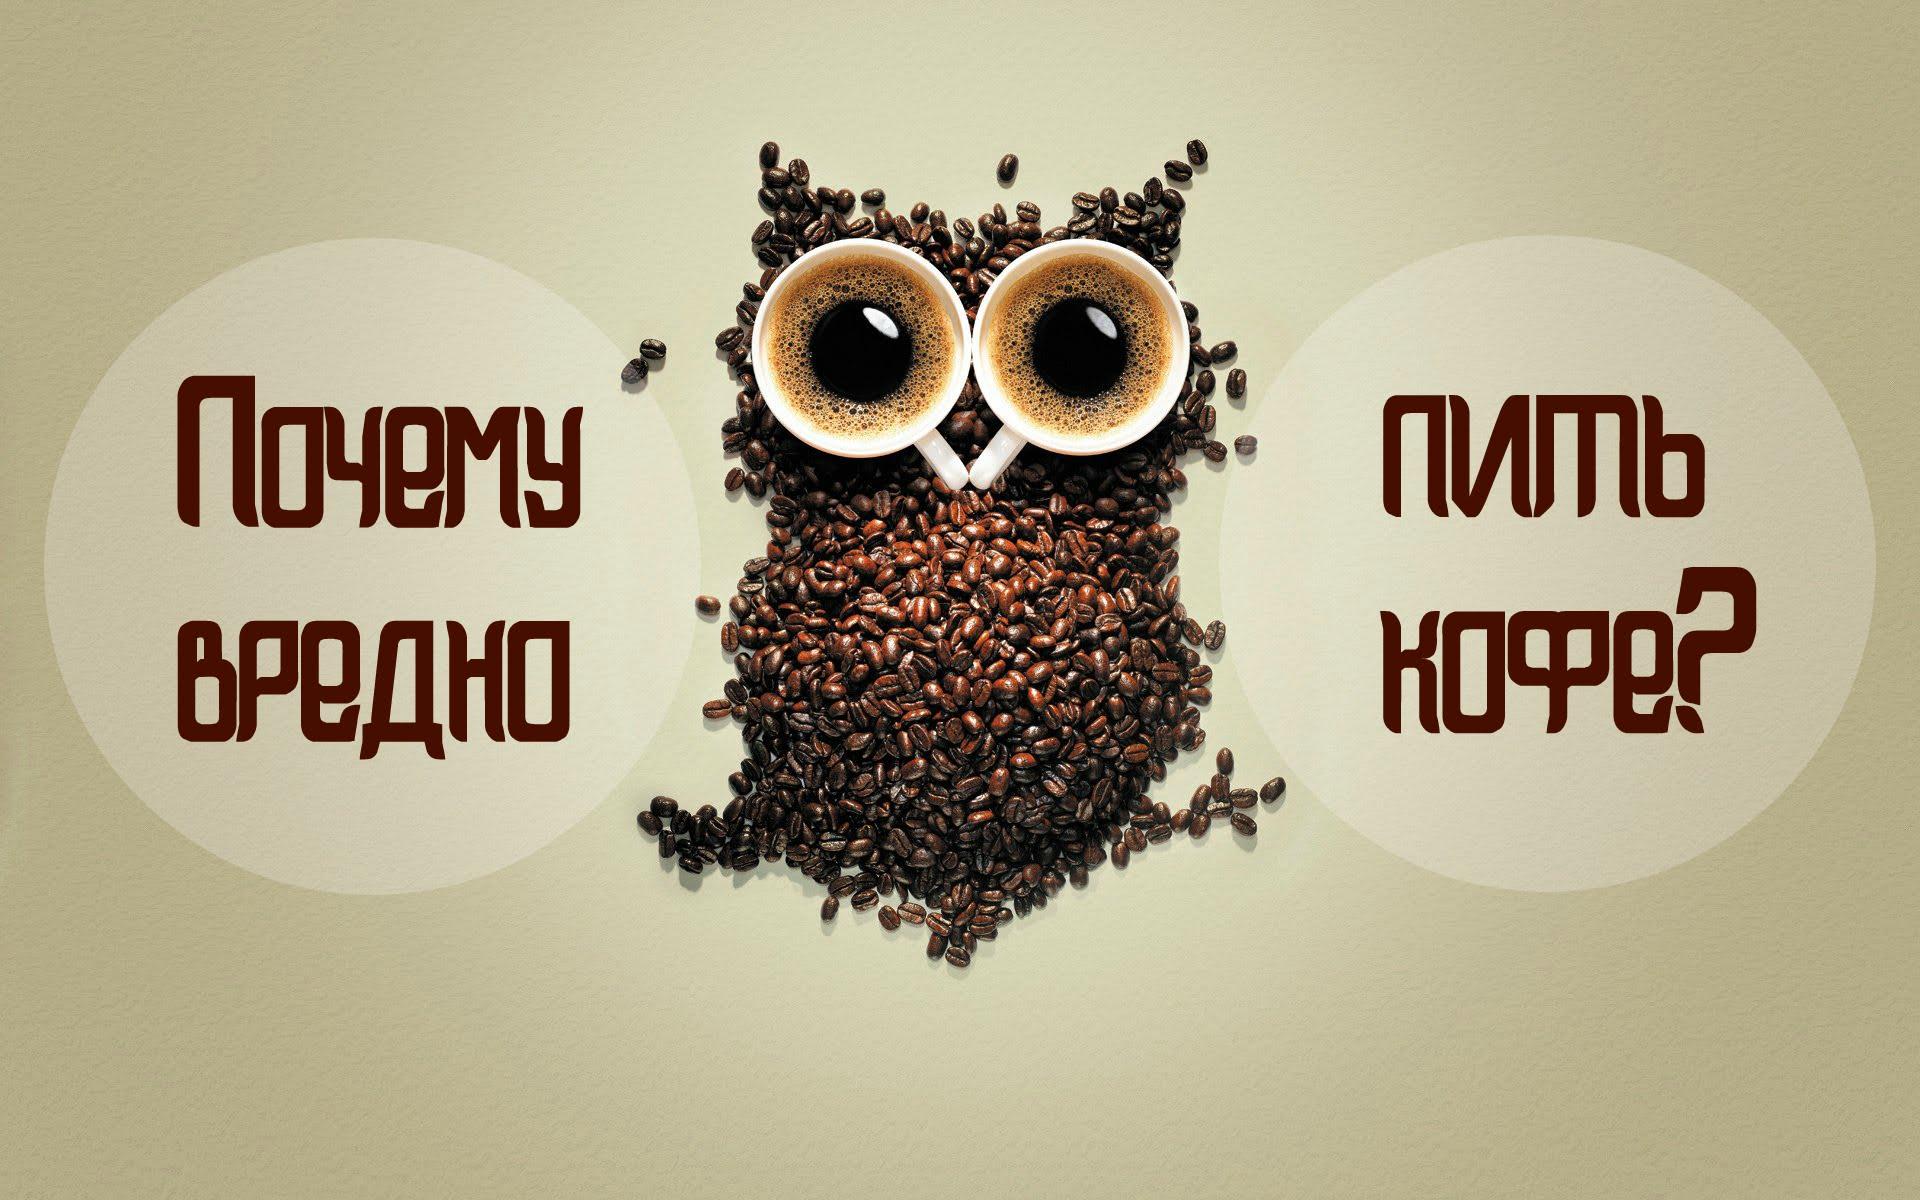 Кофе — друг или враг?